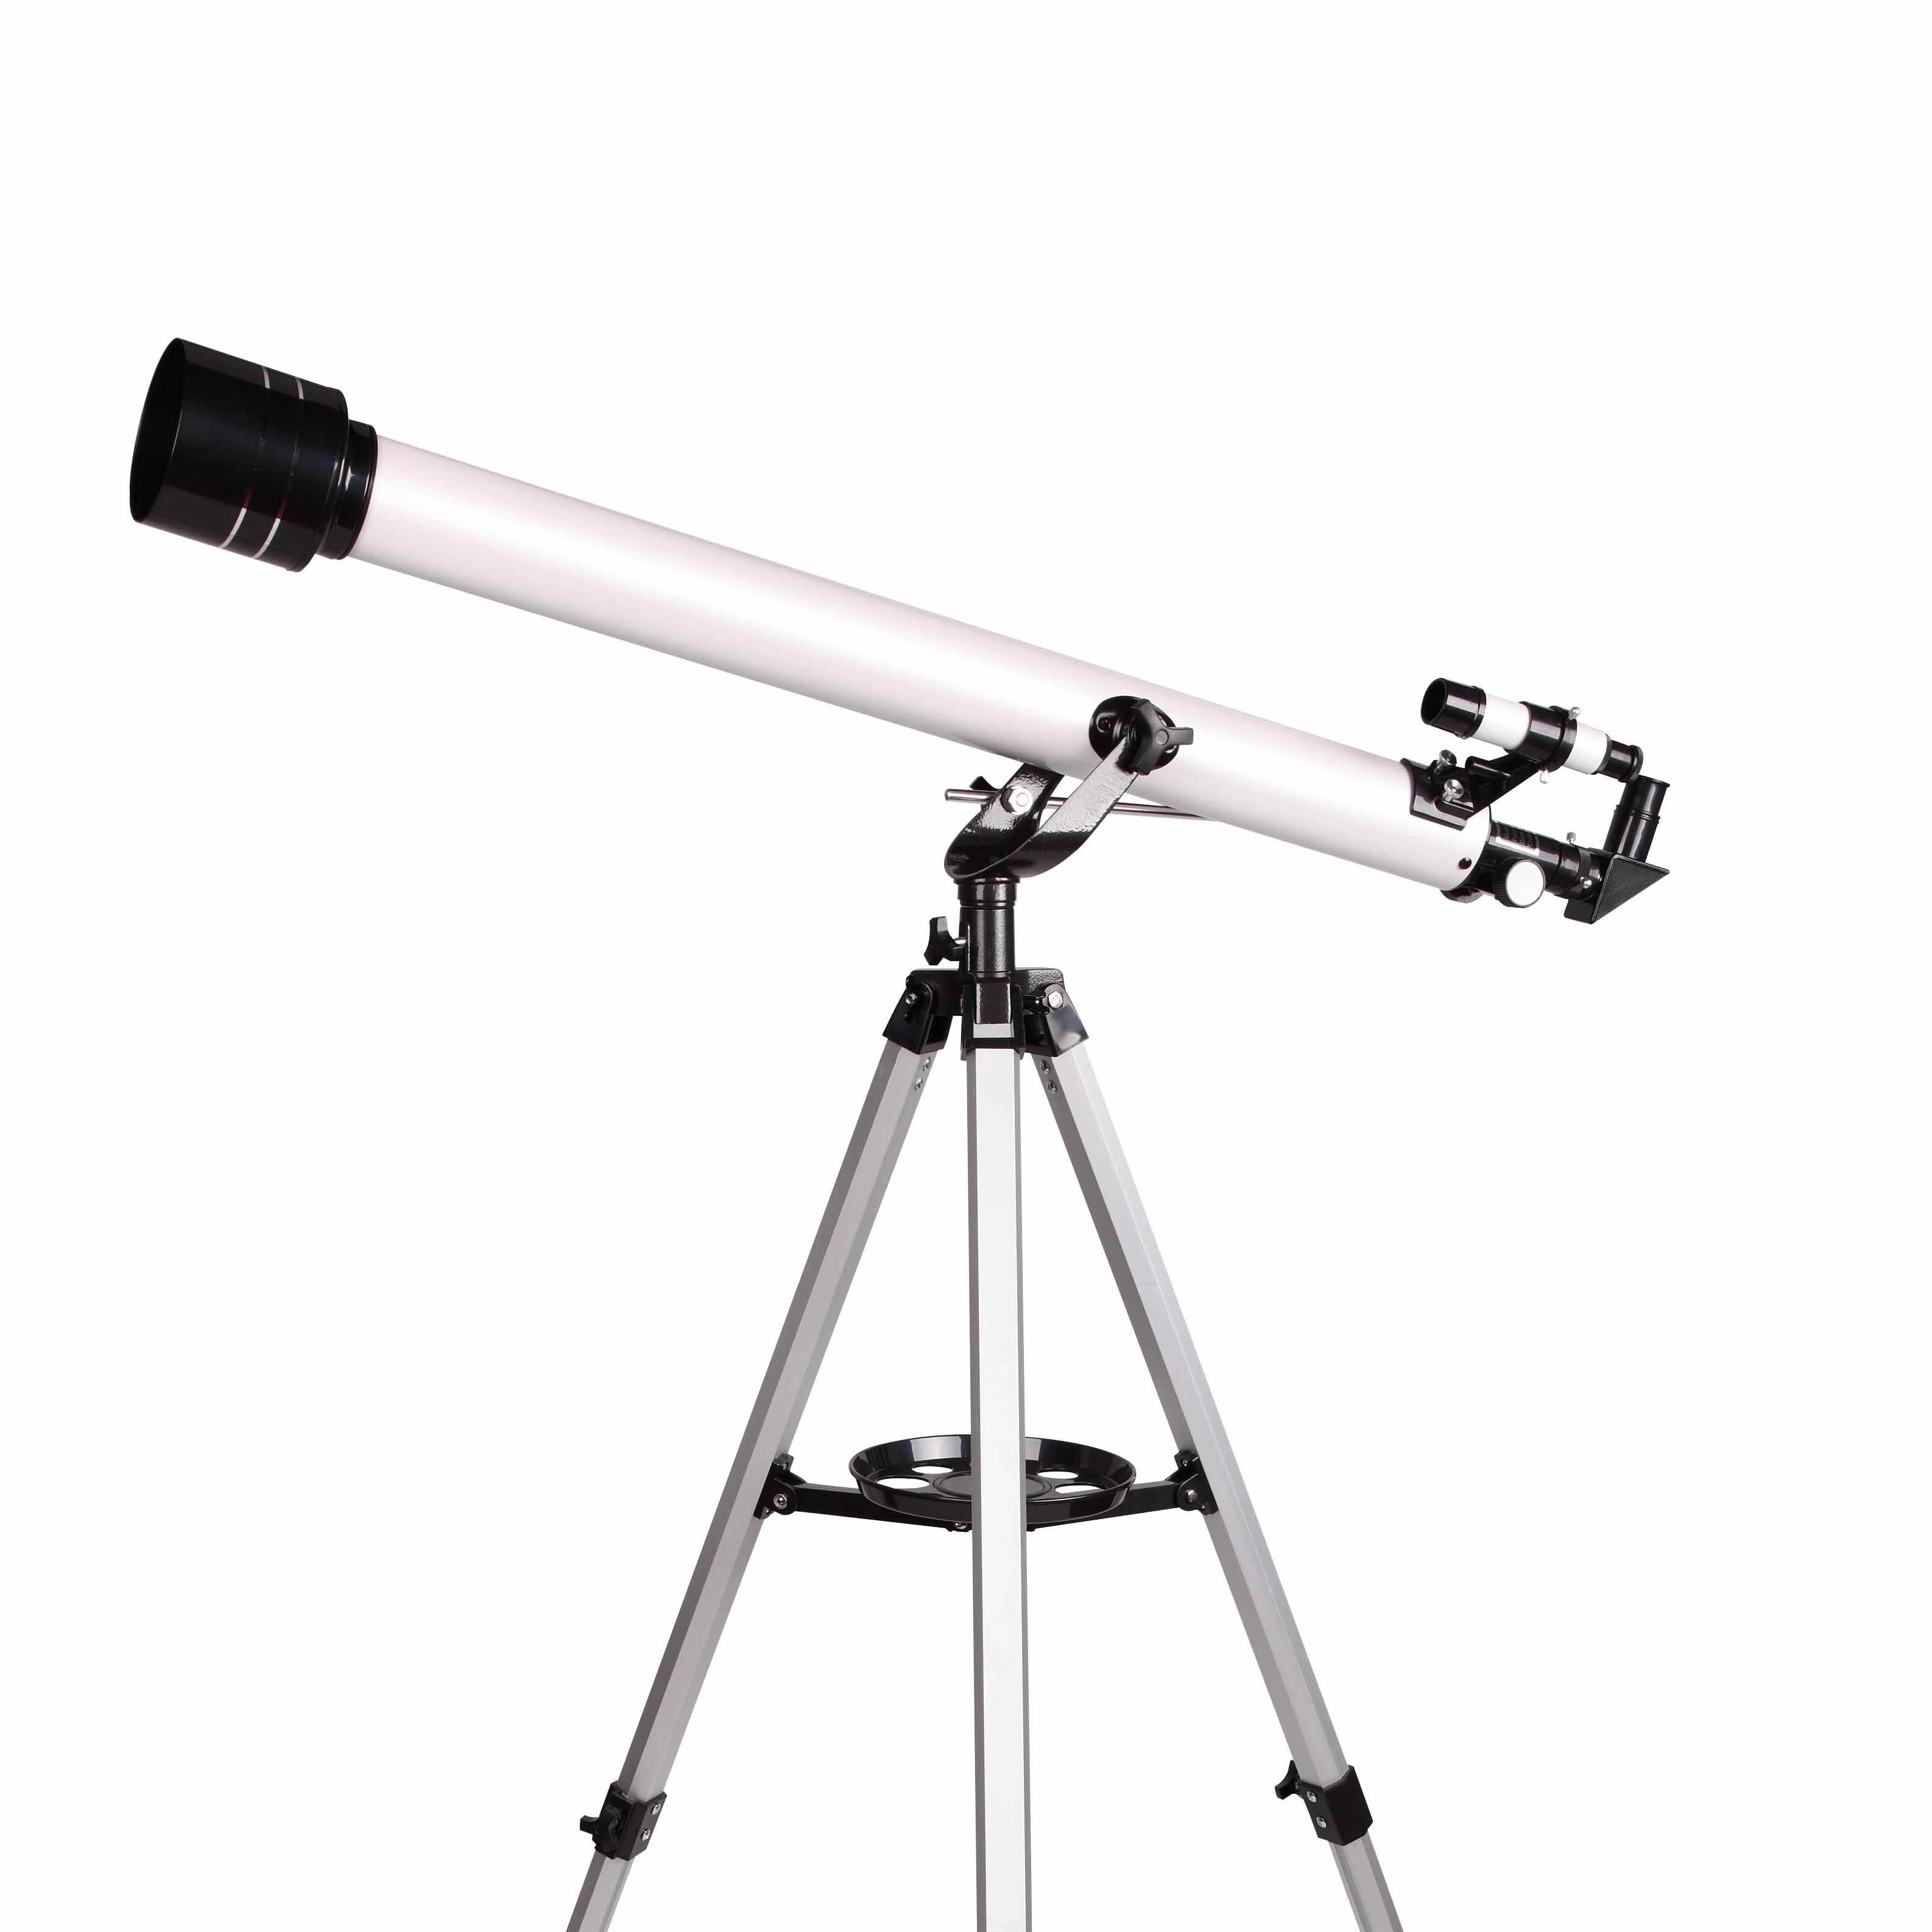 F300 70m Proffessional Alta Potencia Astronómico Terrestre Refractiva Telescopio